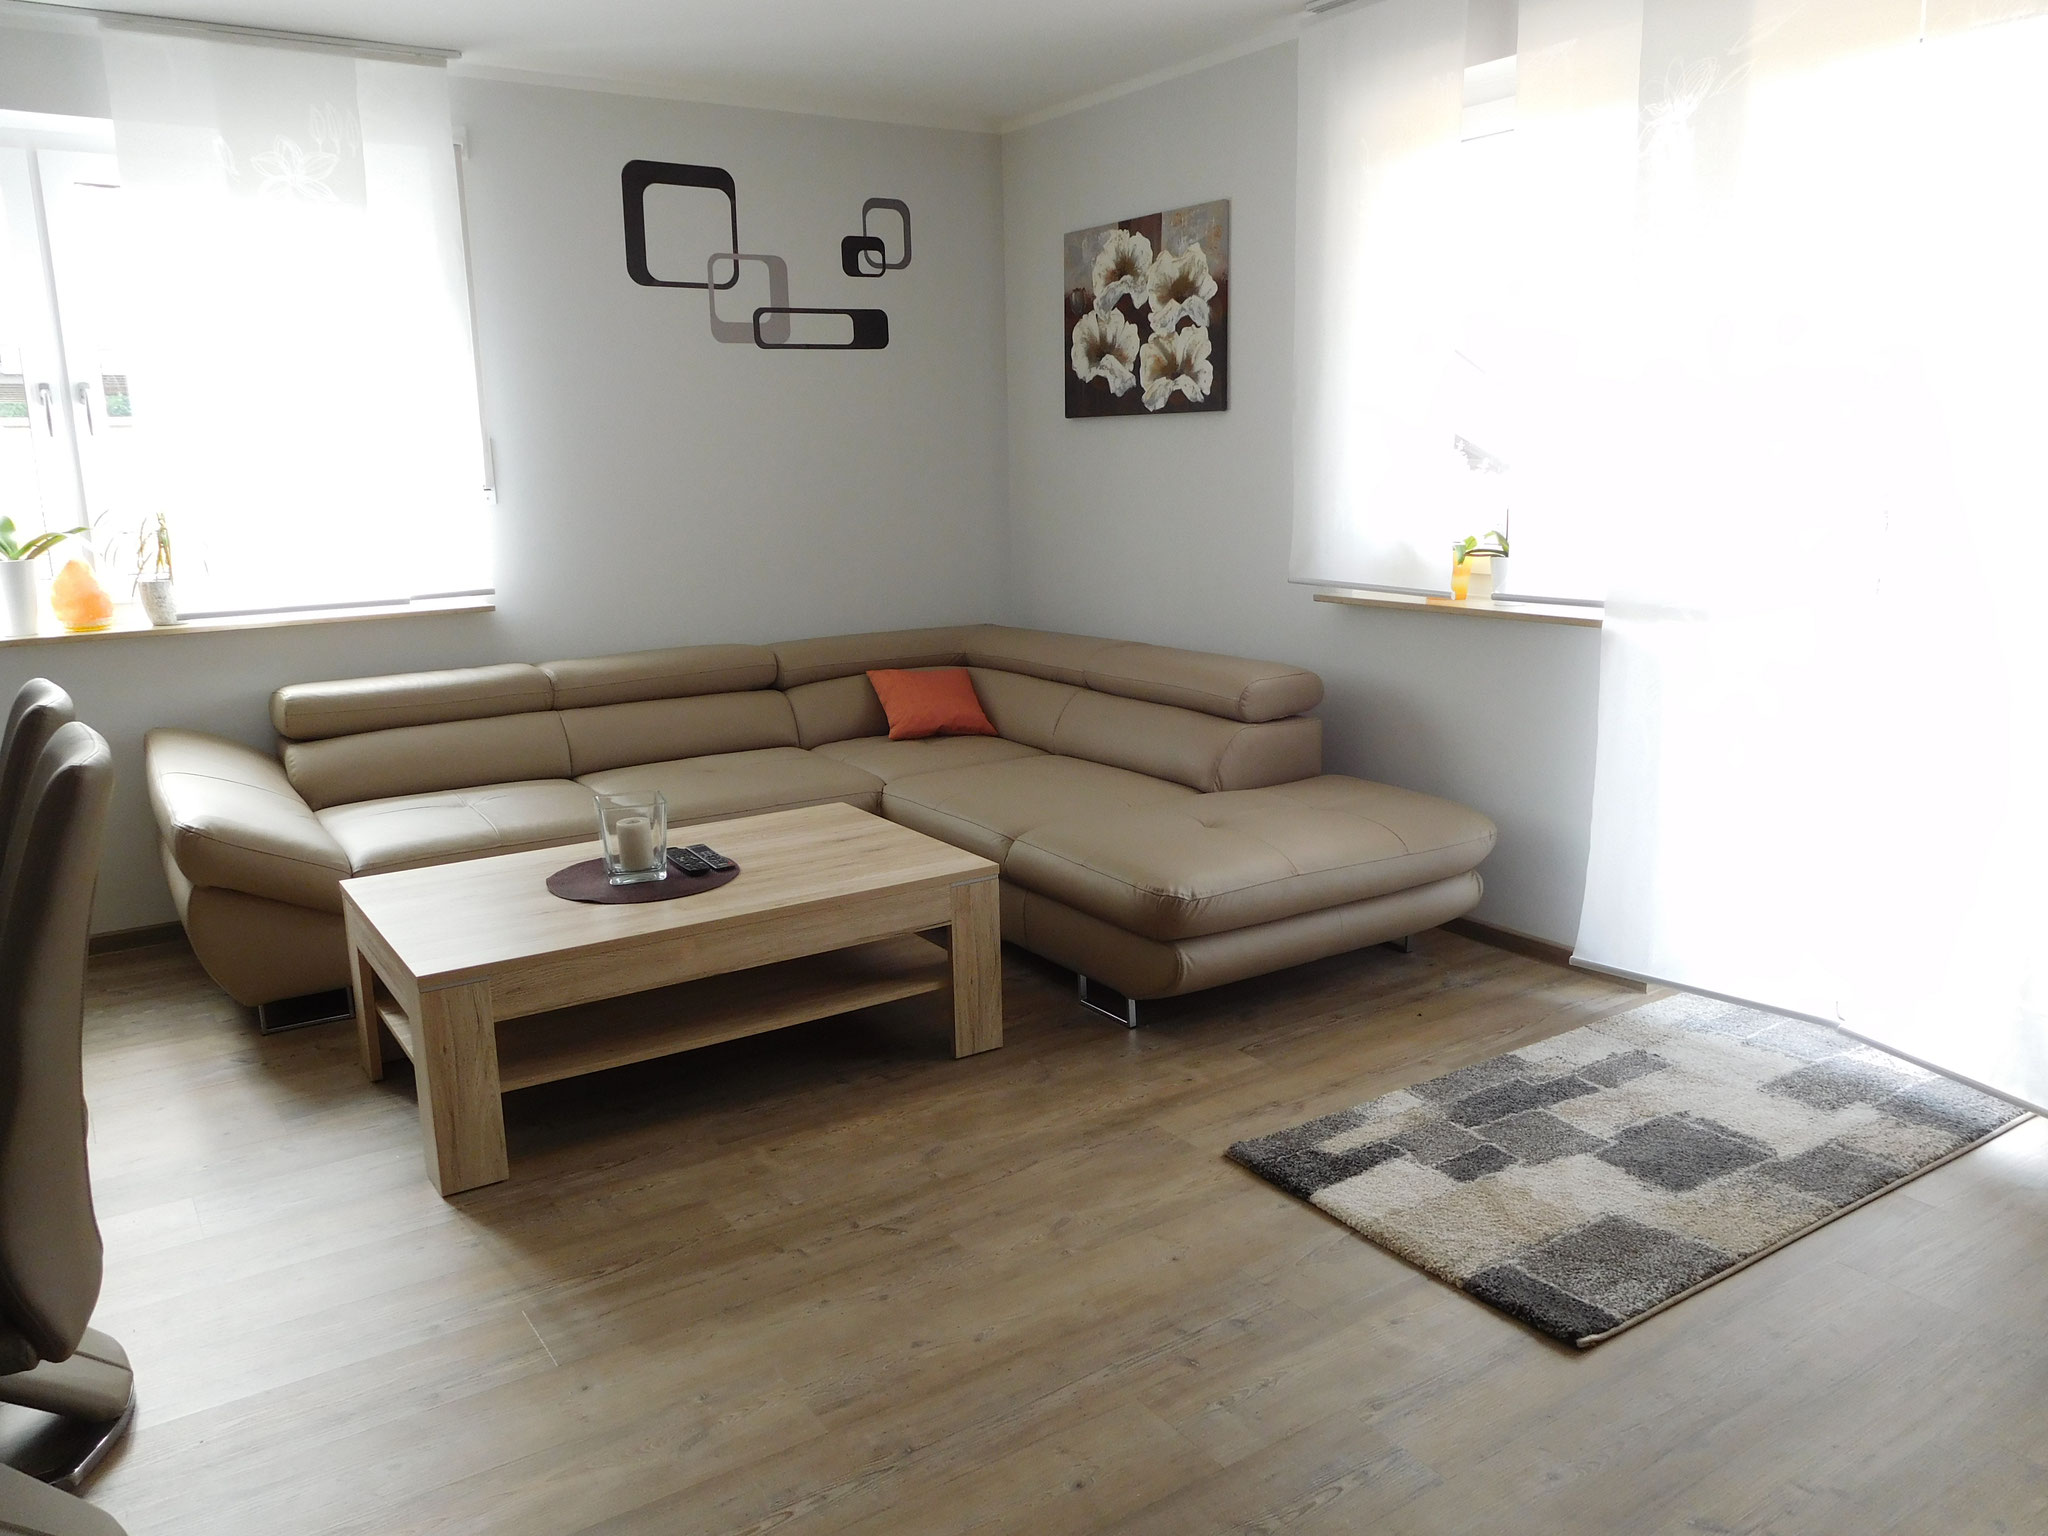 Helles und modernes Wohnzimmer